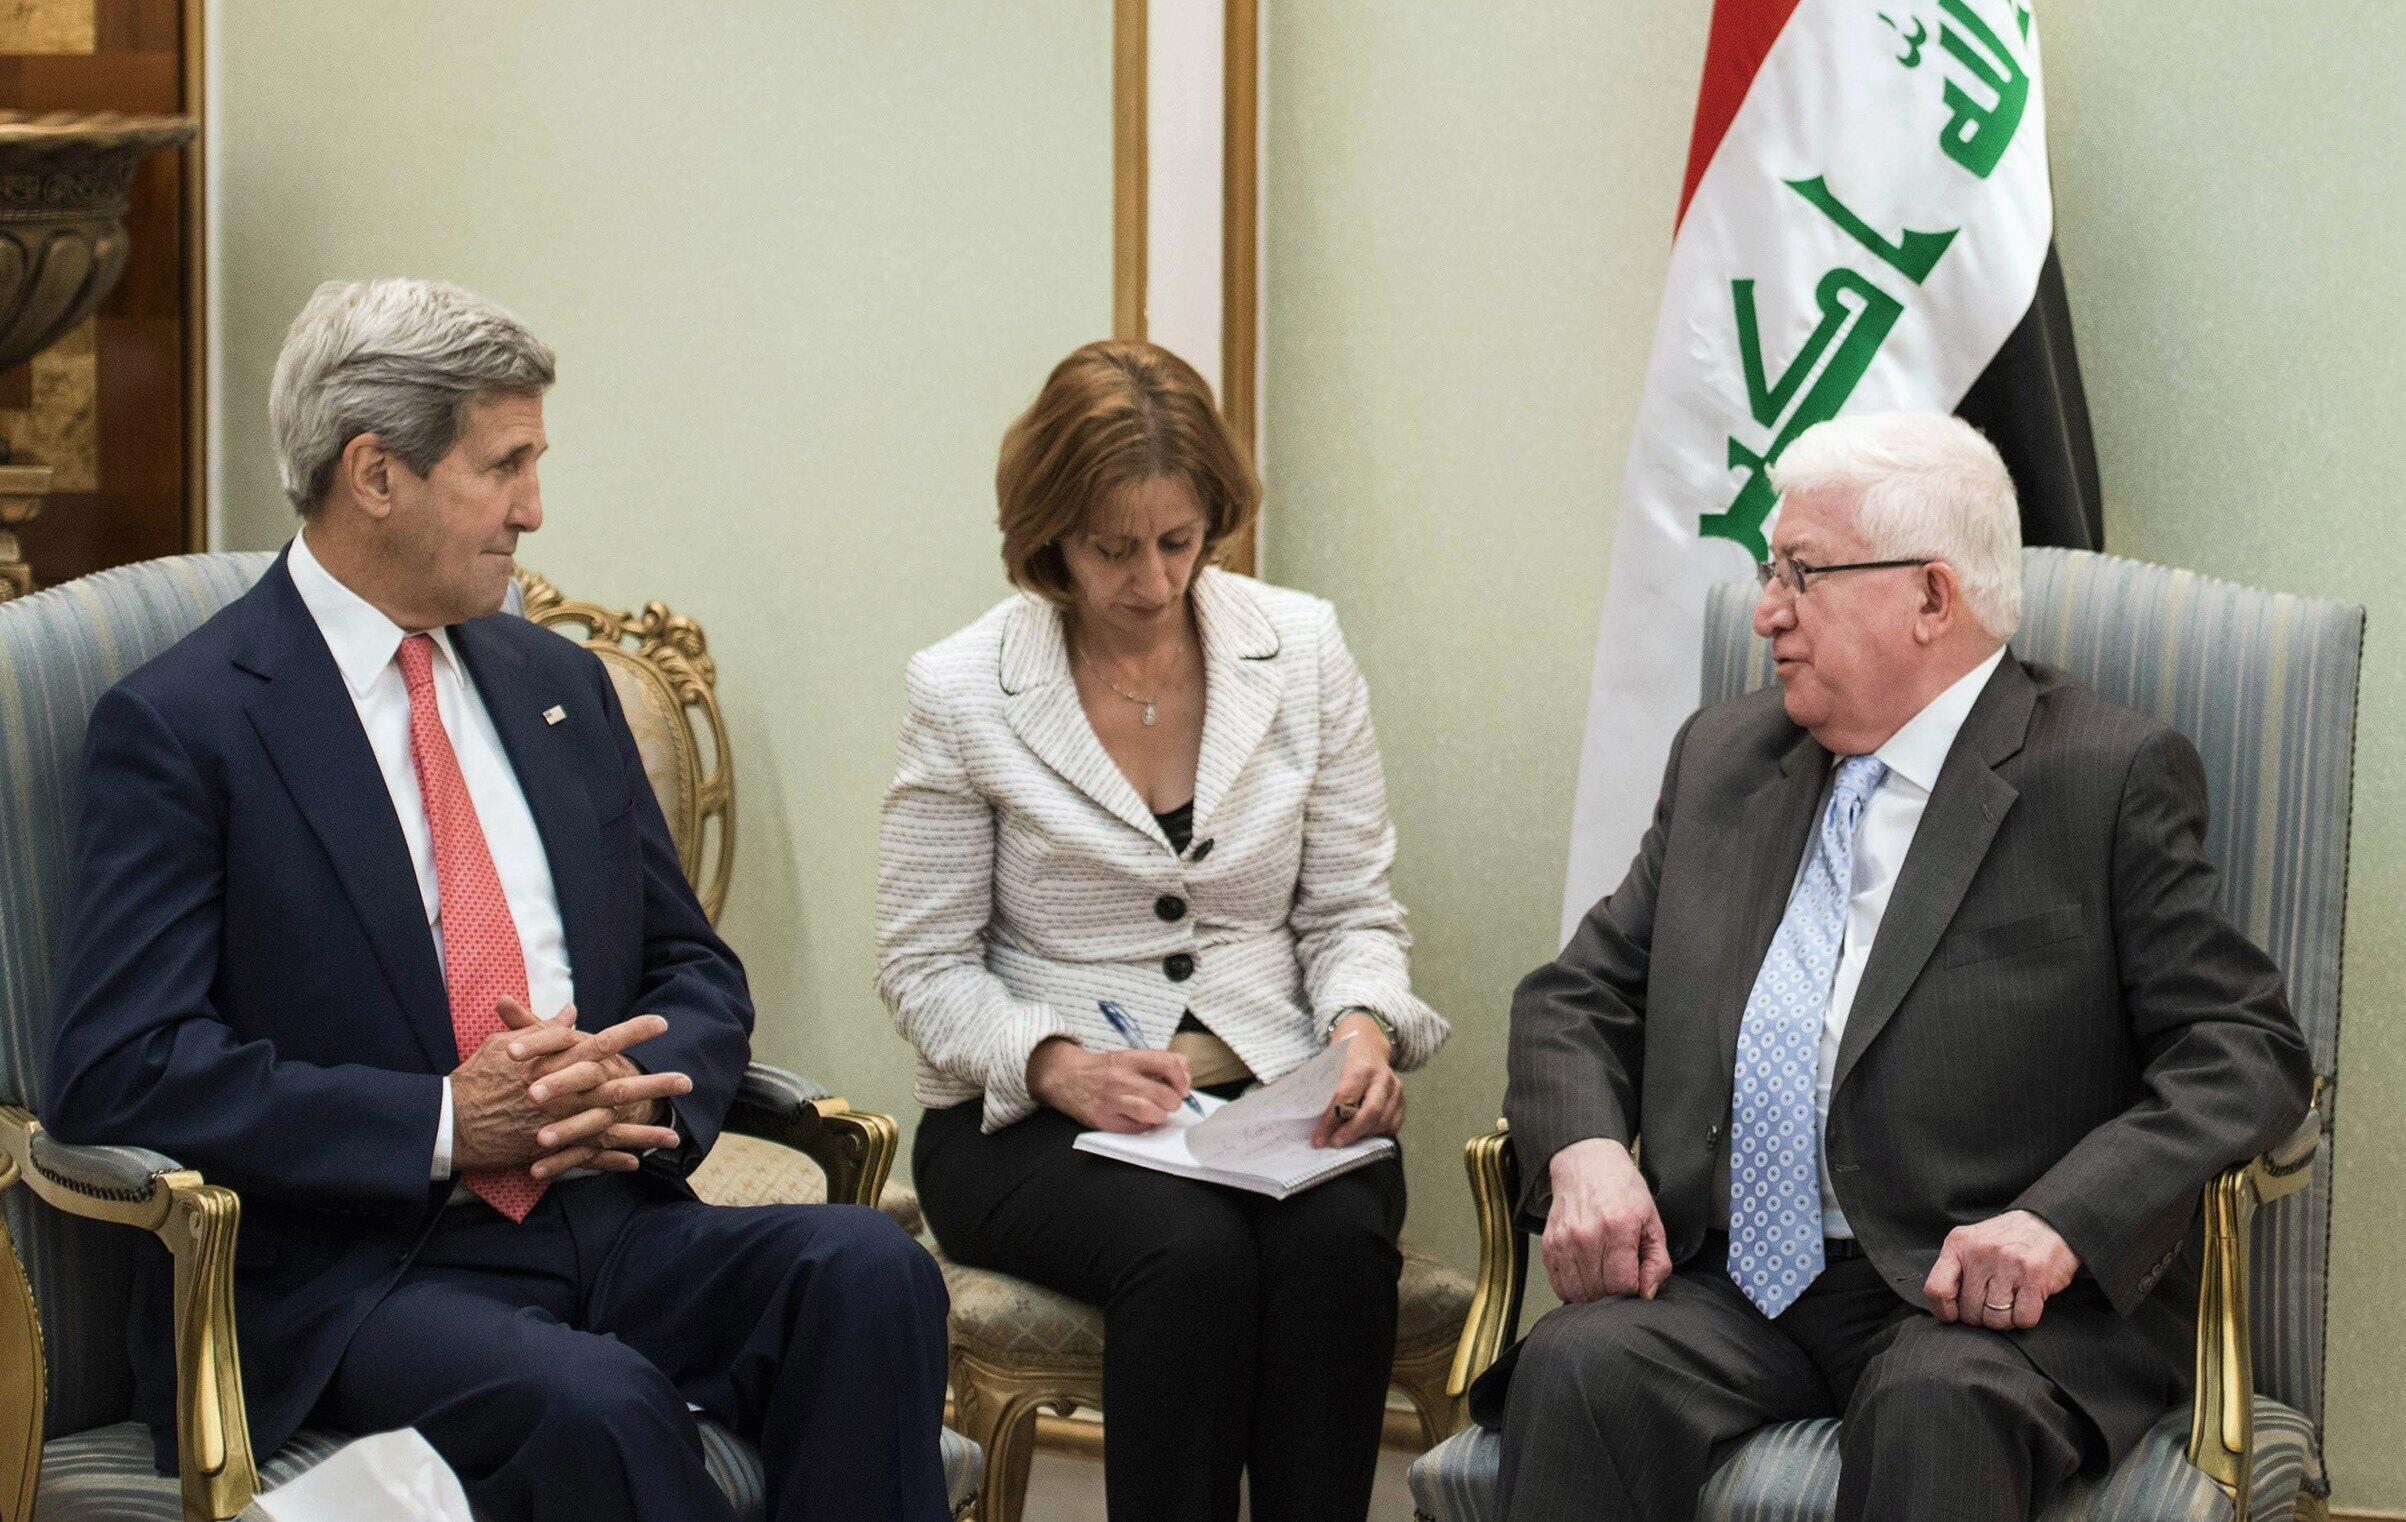 Waziri wa Marekani mwenye dhamana ya mambo ya nje, John Kerry (kushoto), akikutana kwa mazungumzo na rais wa Iraq, Fouad Massoum mjini Baghdad,Septemba 09 mwaka 2014.